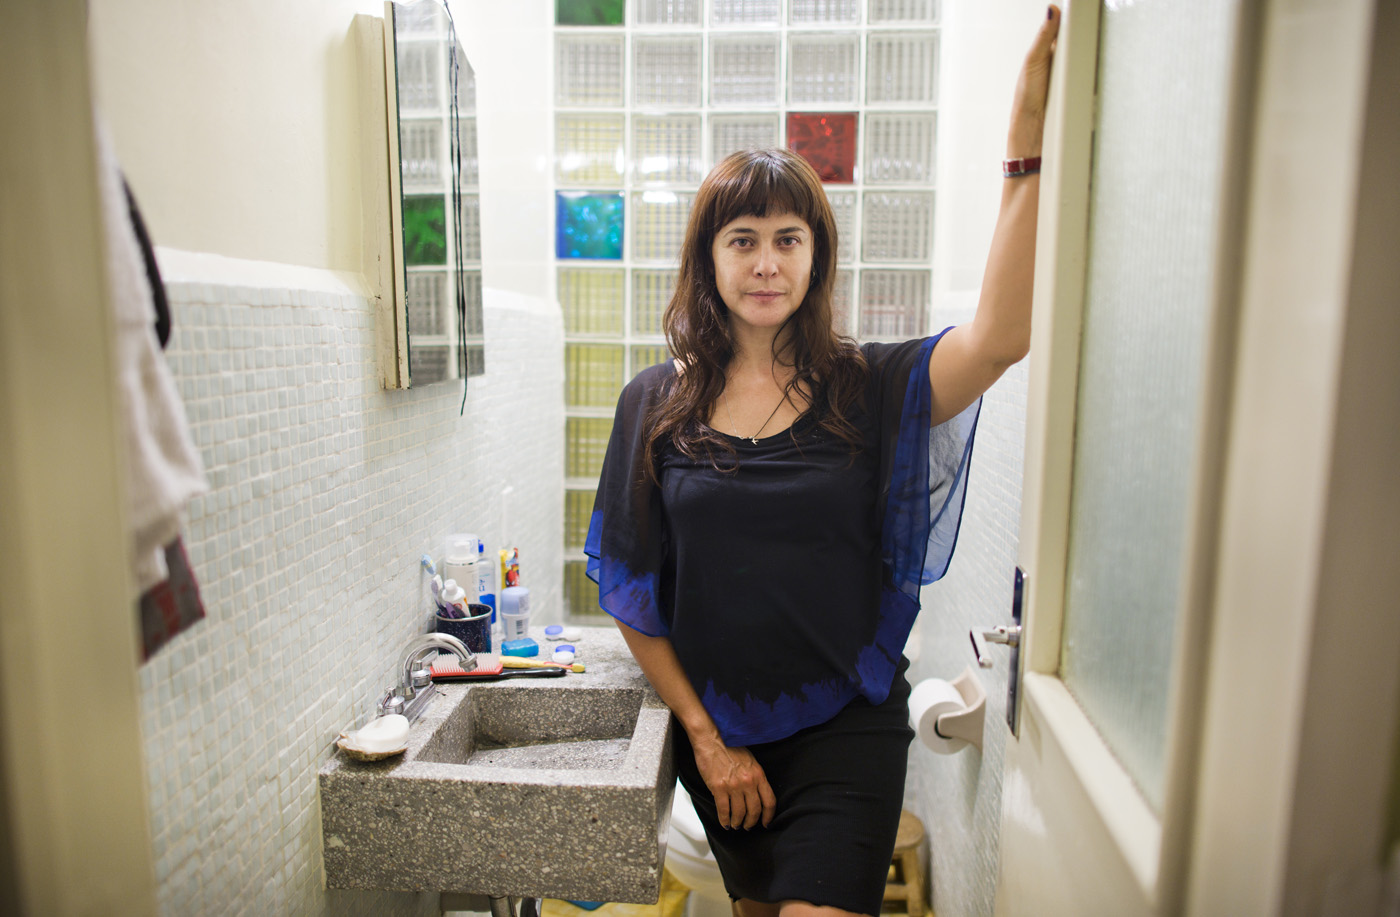 Annuska Angulo in the bathroom of Progreso and Prosperidad, Escandon, Mexico DF